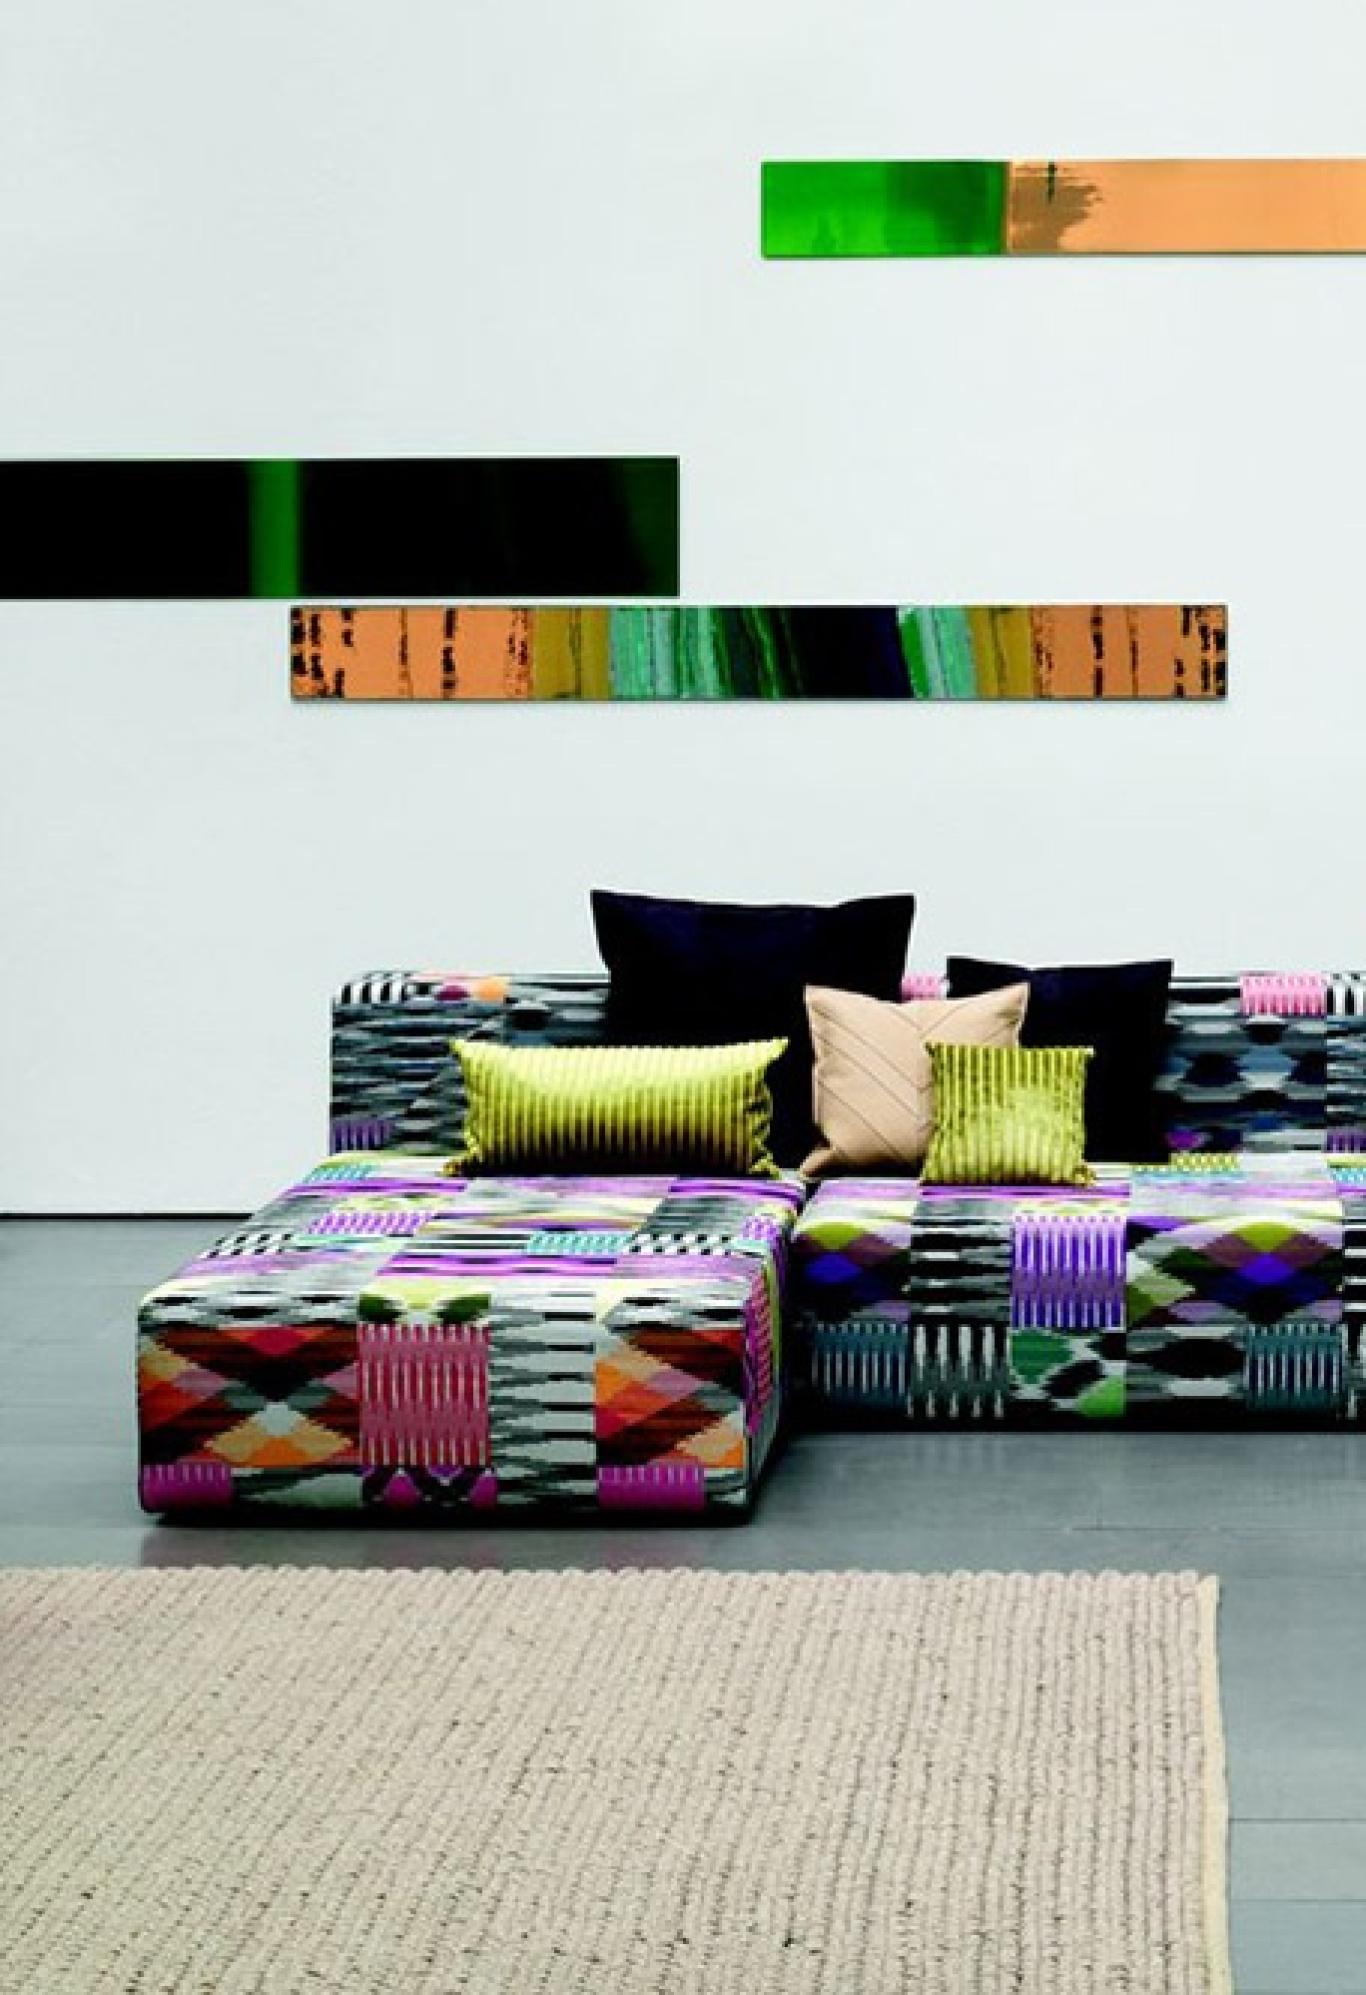 Al via milano moda design 2014 camera nazionale della for Design della moda milano